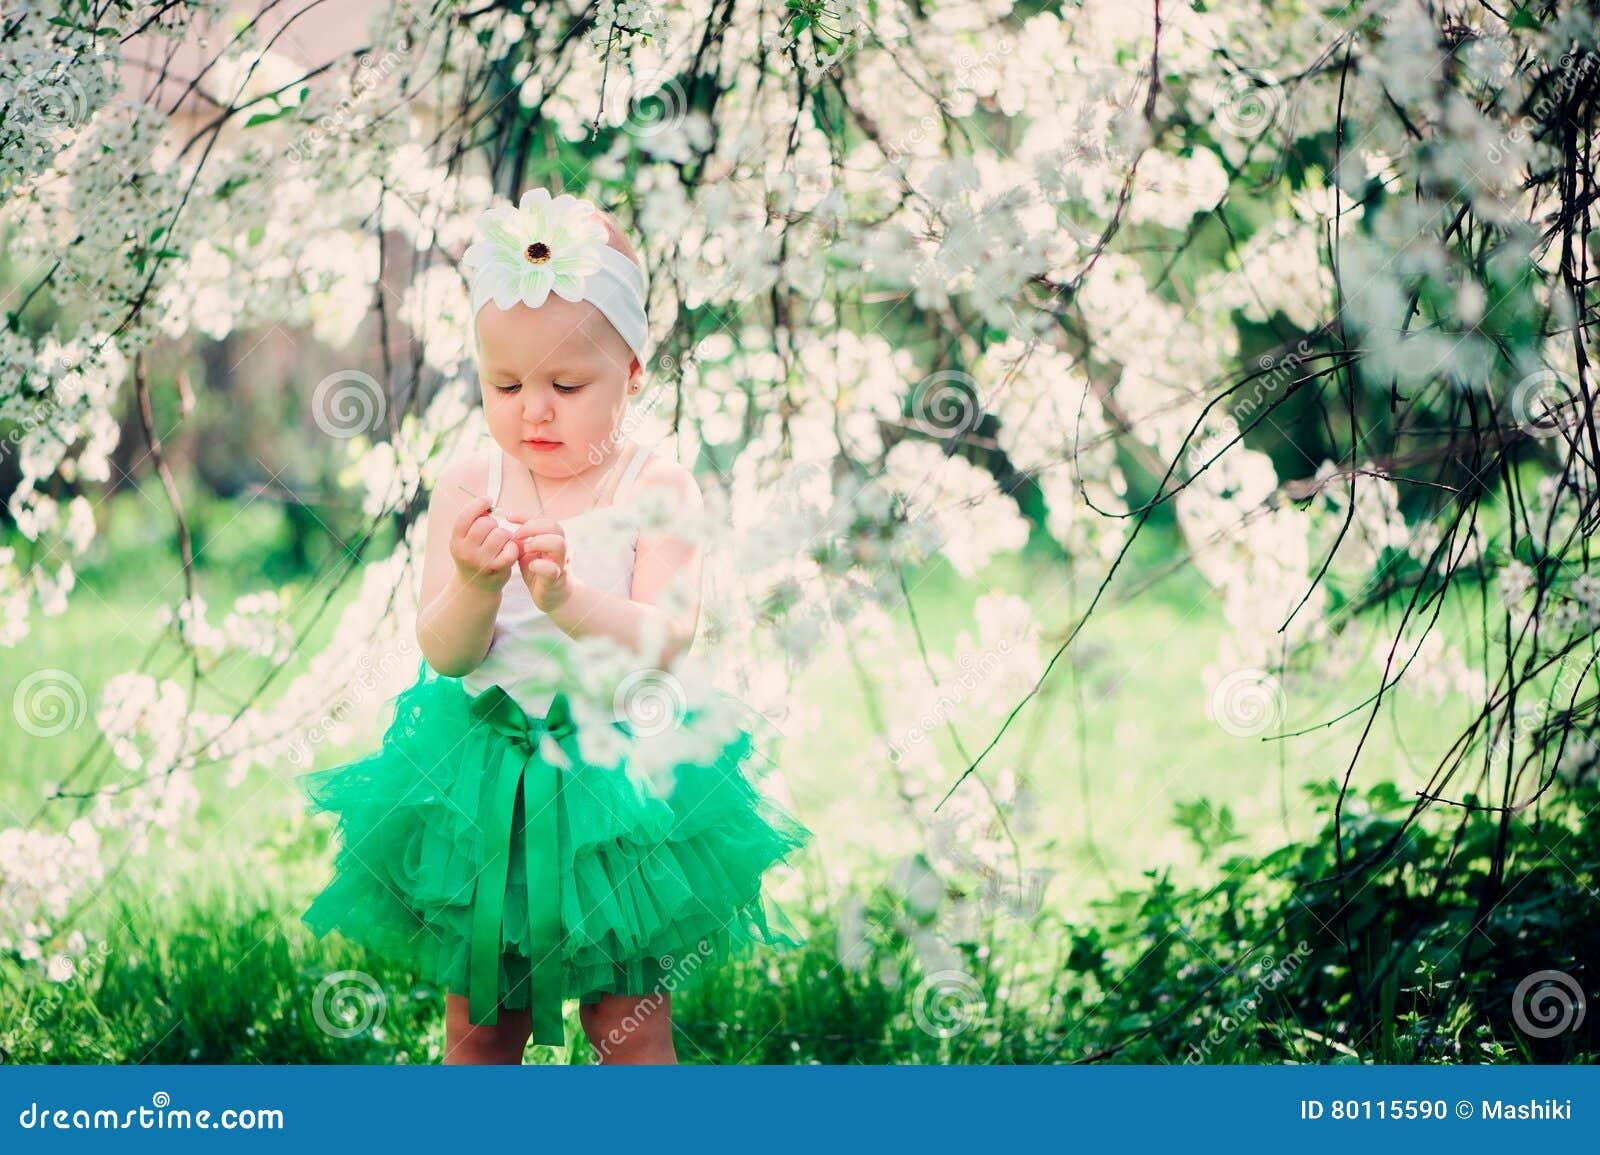 Spring portrait of cute baby girl in green skirt enjoying outdoor walk in blooming garden